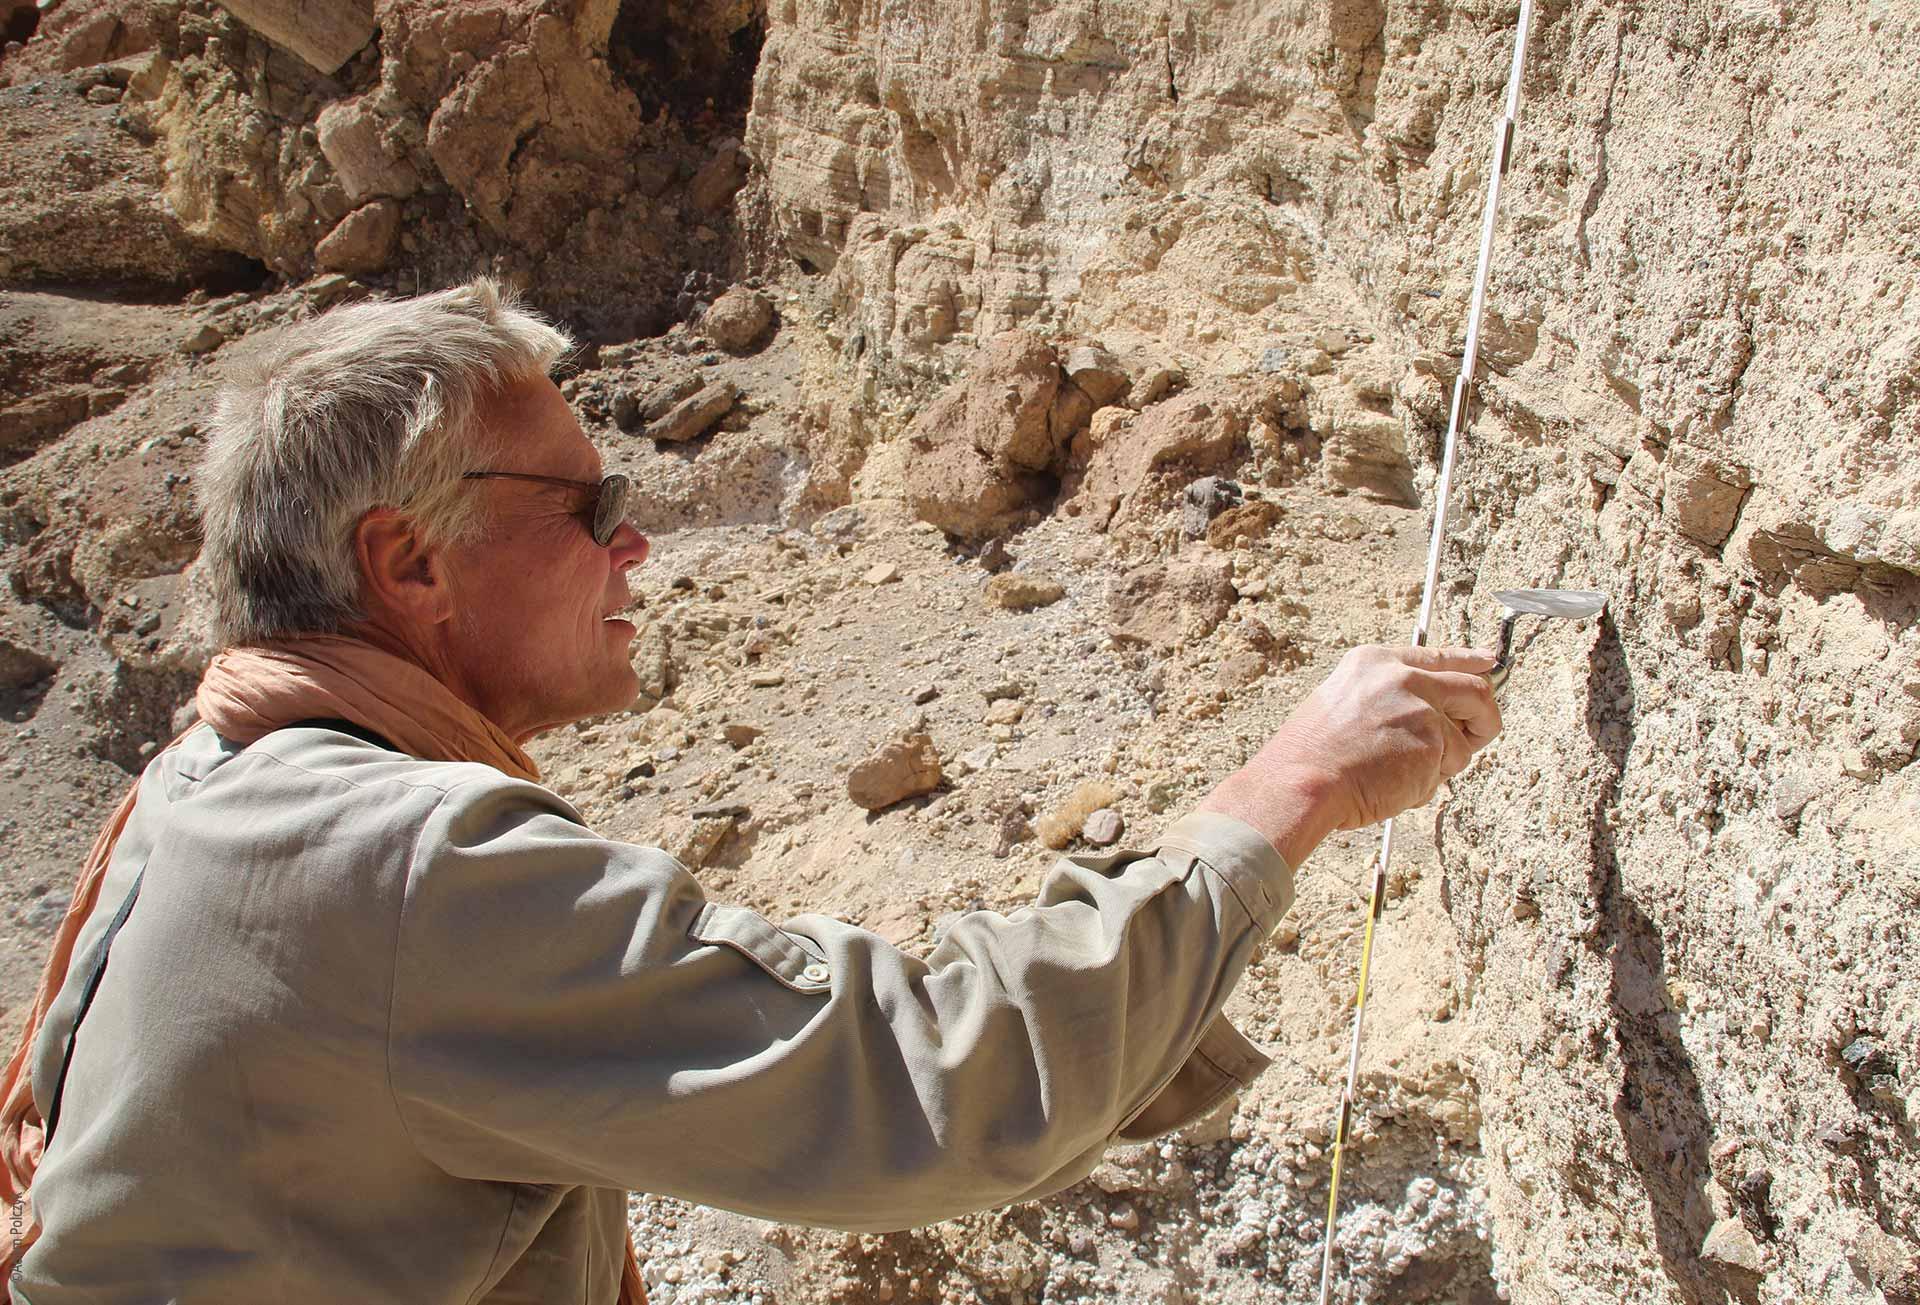 Forschungen und Expeditionen im Norden des Tschad, Geologische Untersuchungen, Stefan Kröpelin, Explore Chad